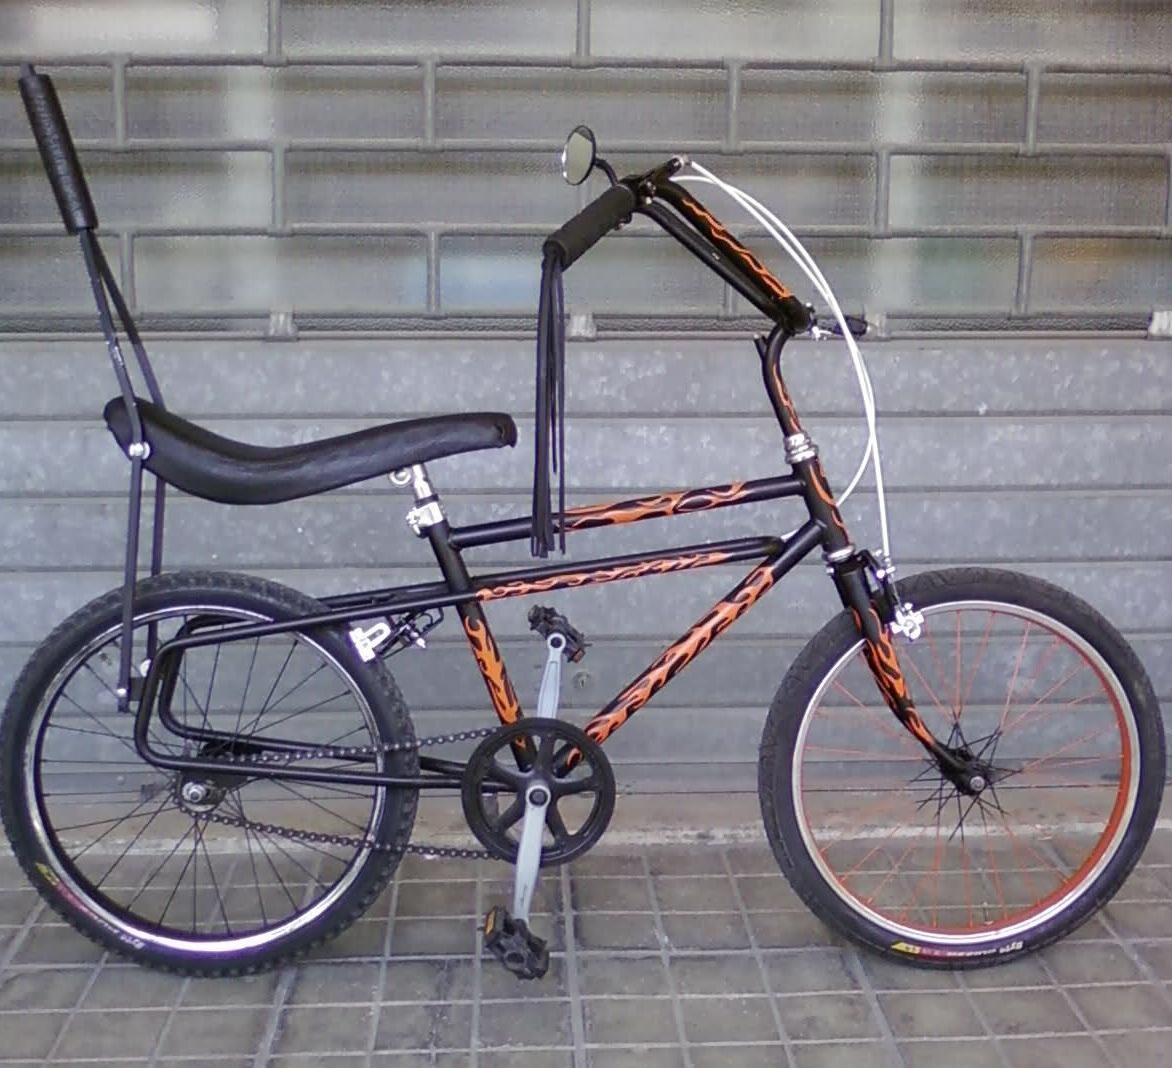 una bicicletta anni '70 con i fronzoli sui pomelli del manubrio